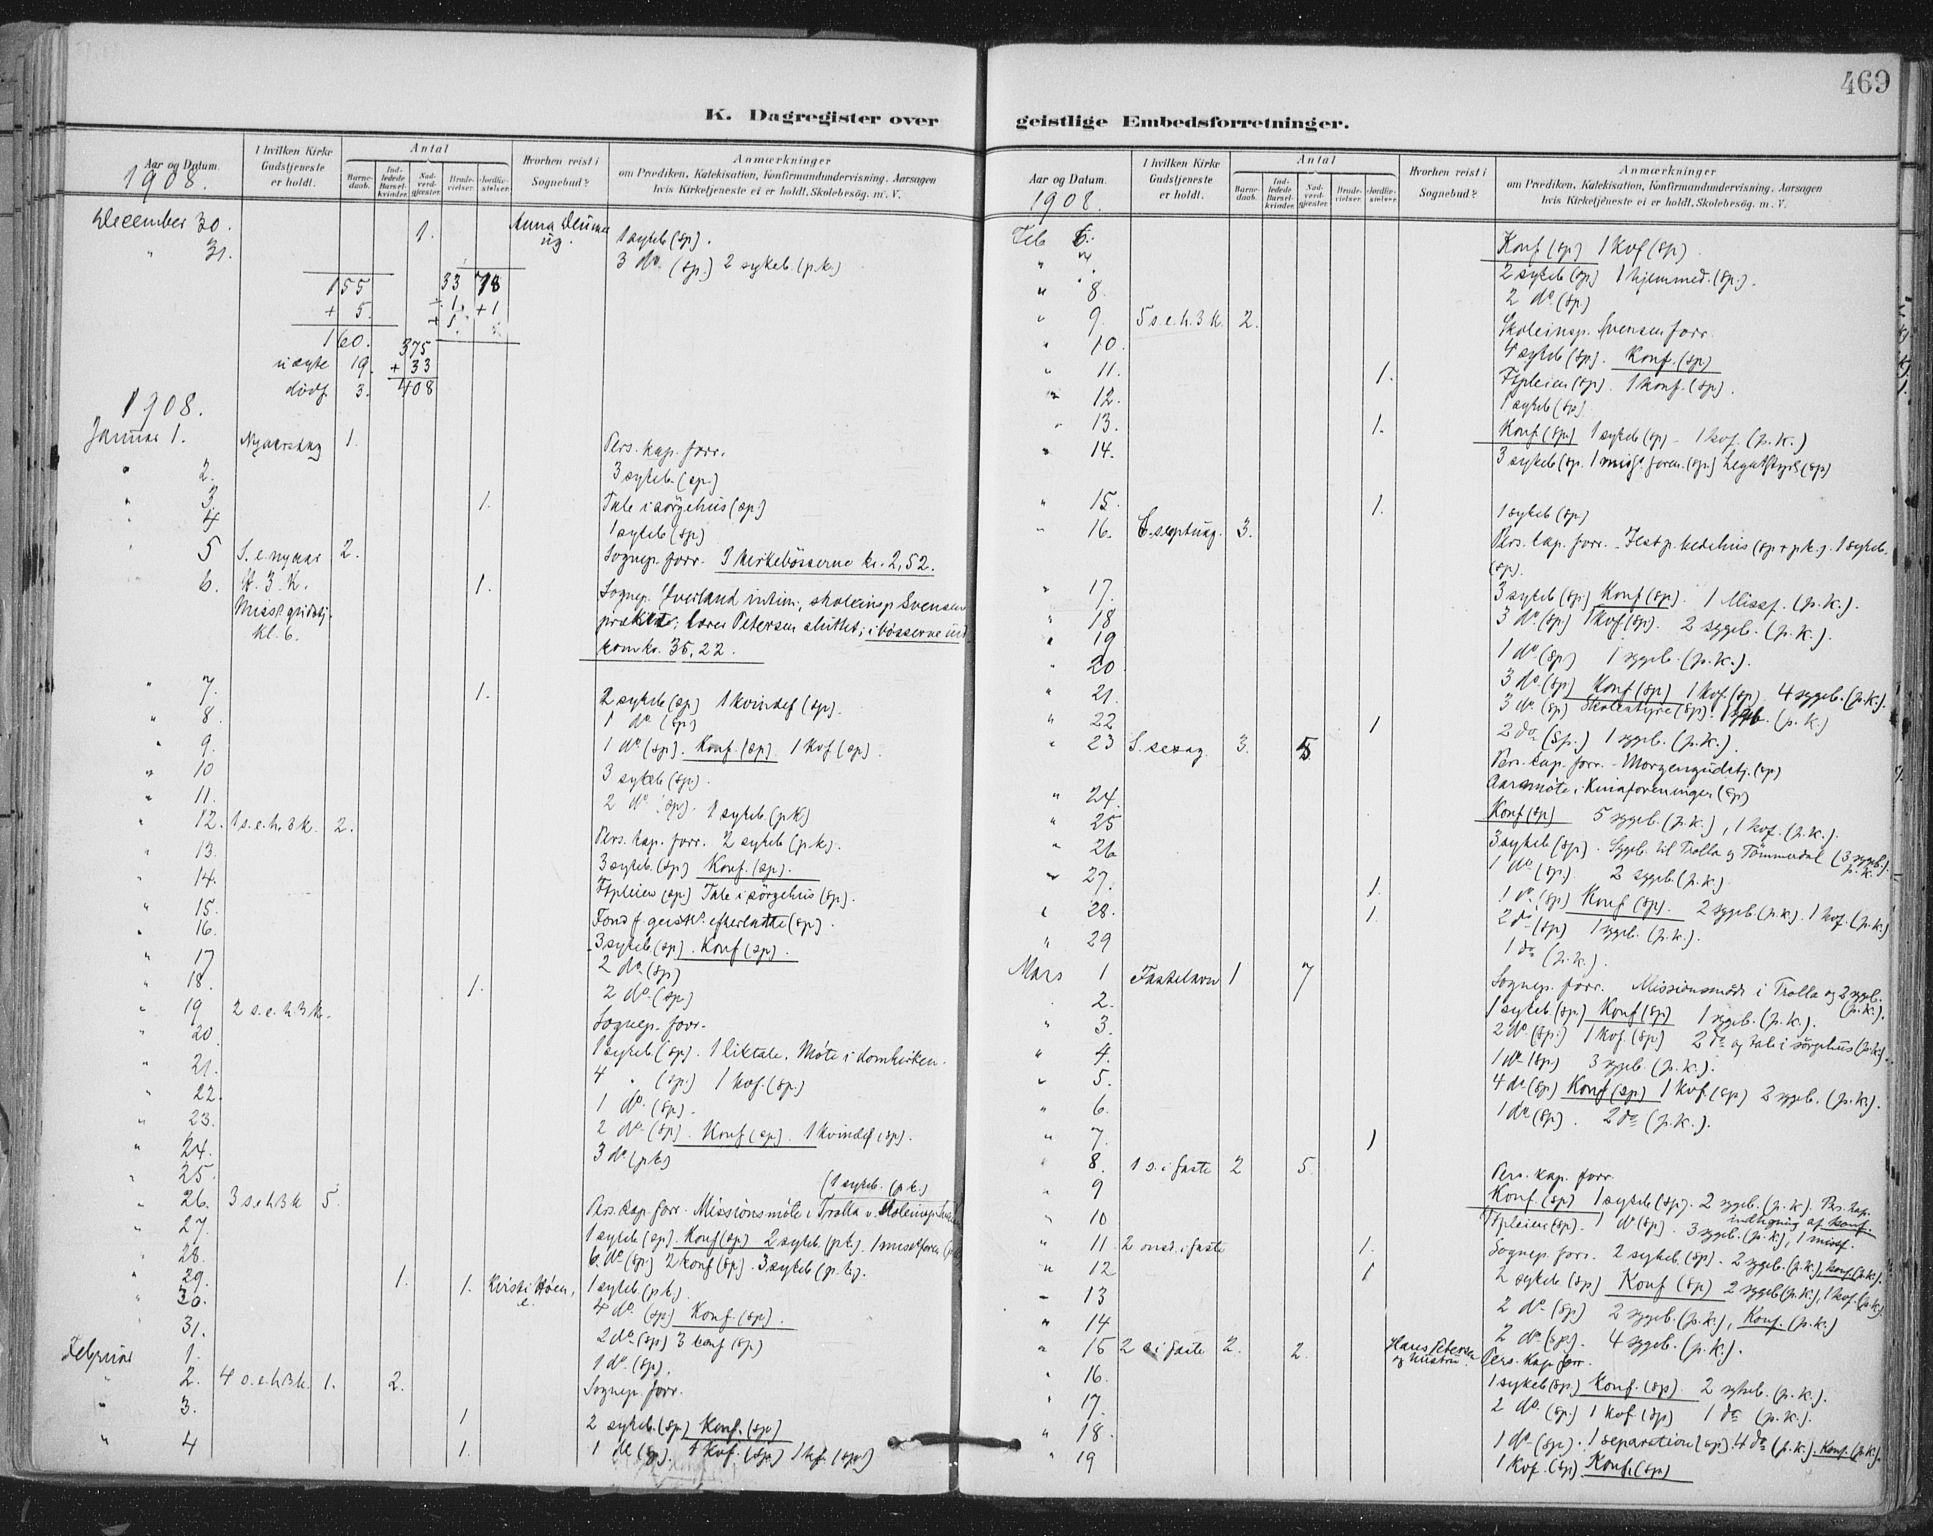 SAT, Ministerialprotokoller, klokkerbøker og fødselsregistre - Sør-Trøndelag, 603/L0167: Ministerialbok nr. 603A06, 1896-1932, s. 469